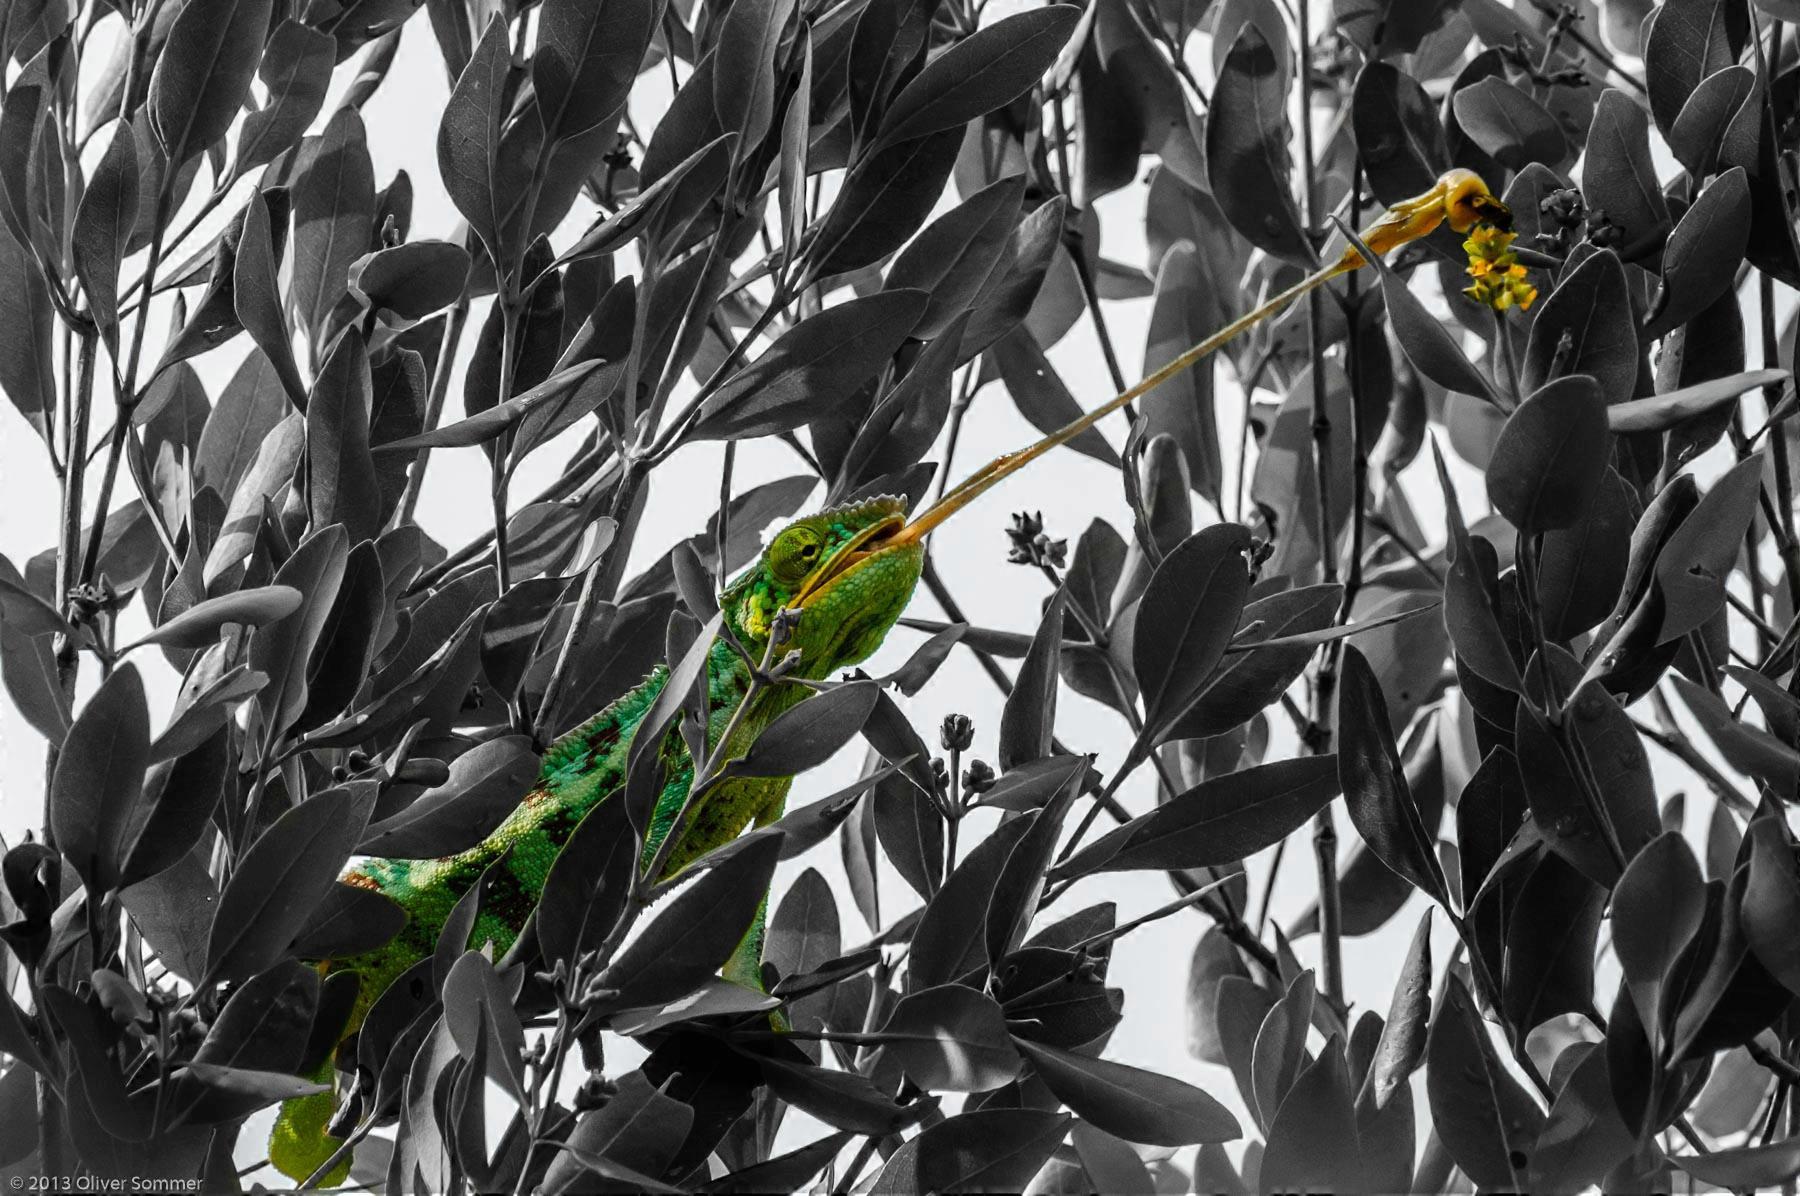 Furcifer Pardalis Madagaskar Pantherchamäleon Insektenfang Zunge